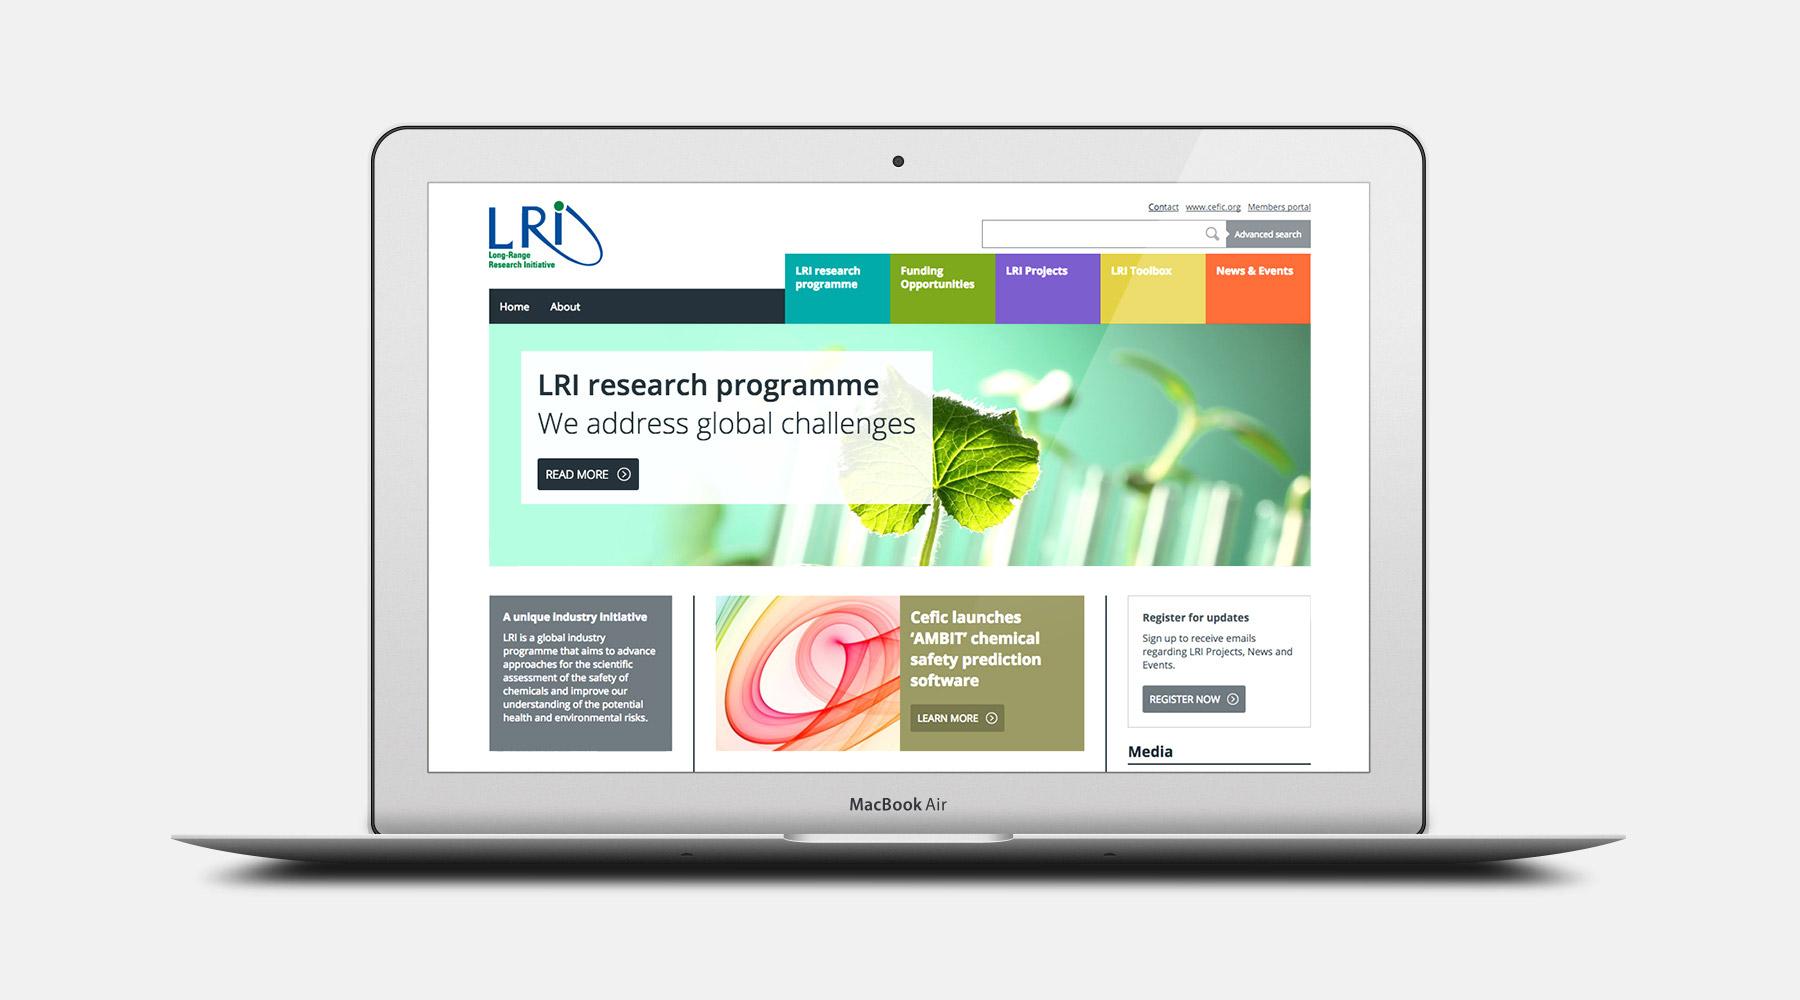 Case Study: Cefic-LRI - 01